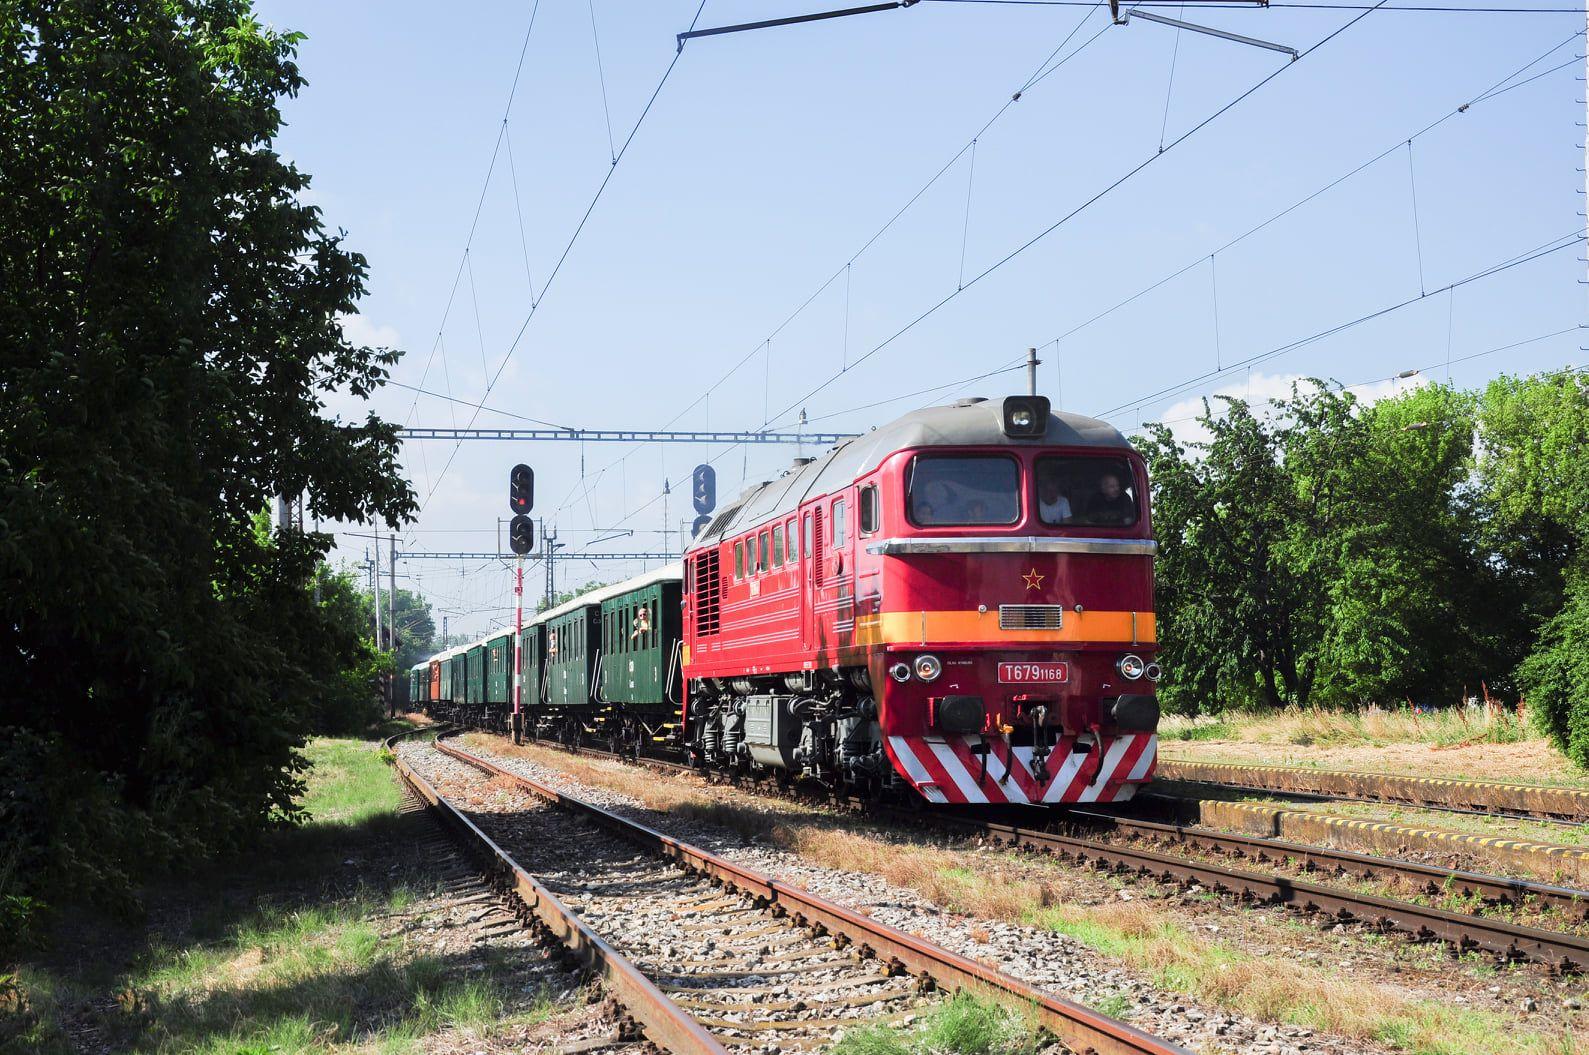 Zvláštny spomienkový vlak vedený rušňom T 679.1168 v úseku Galanta - Trnava.